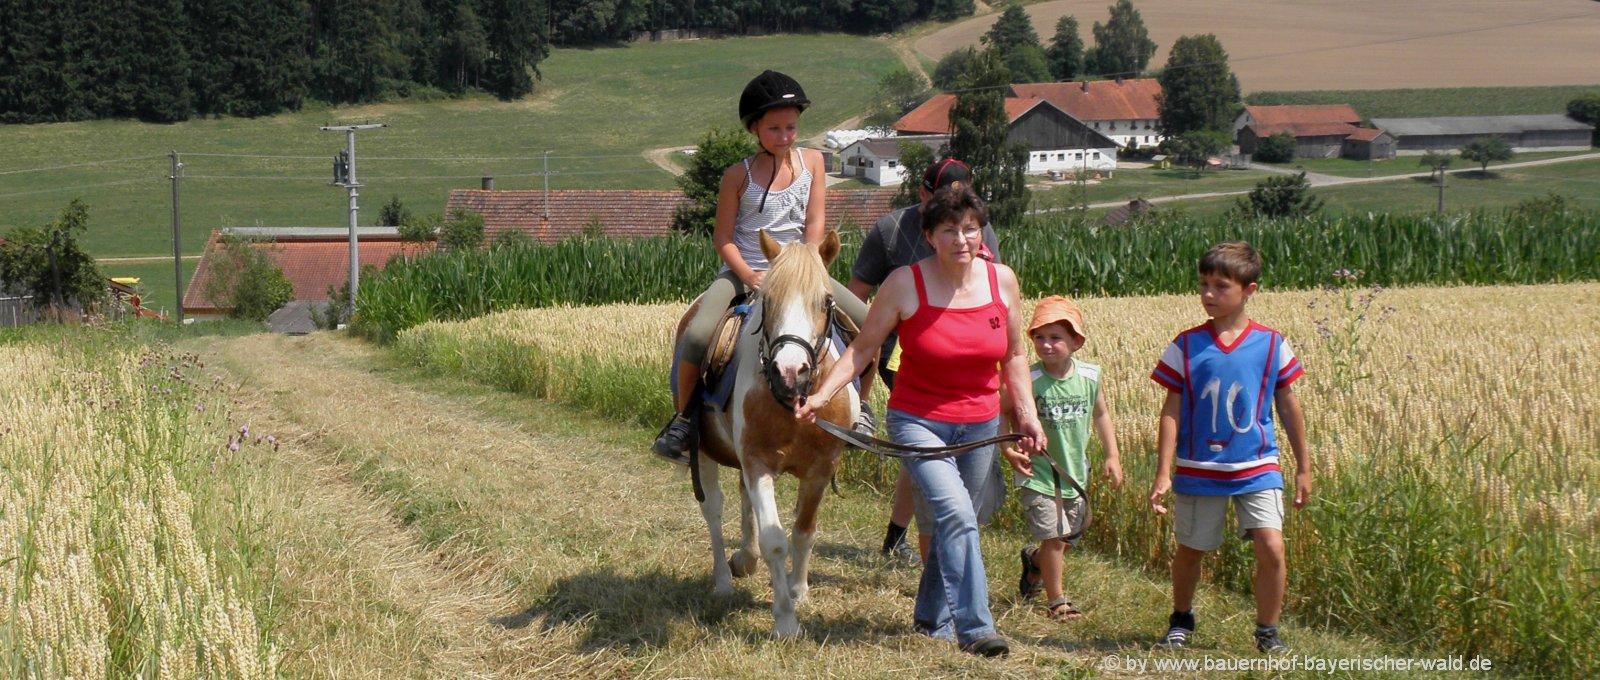 Bayern Familienurlaub Gewinnspiel 2018 Urlaub am Bauernhof gewinnen